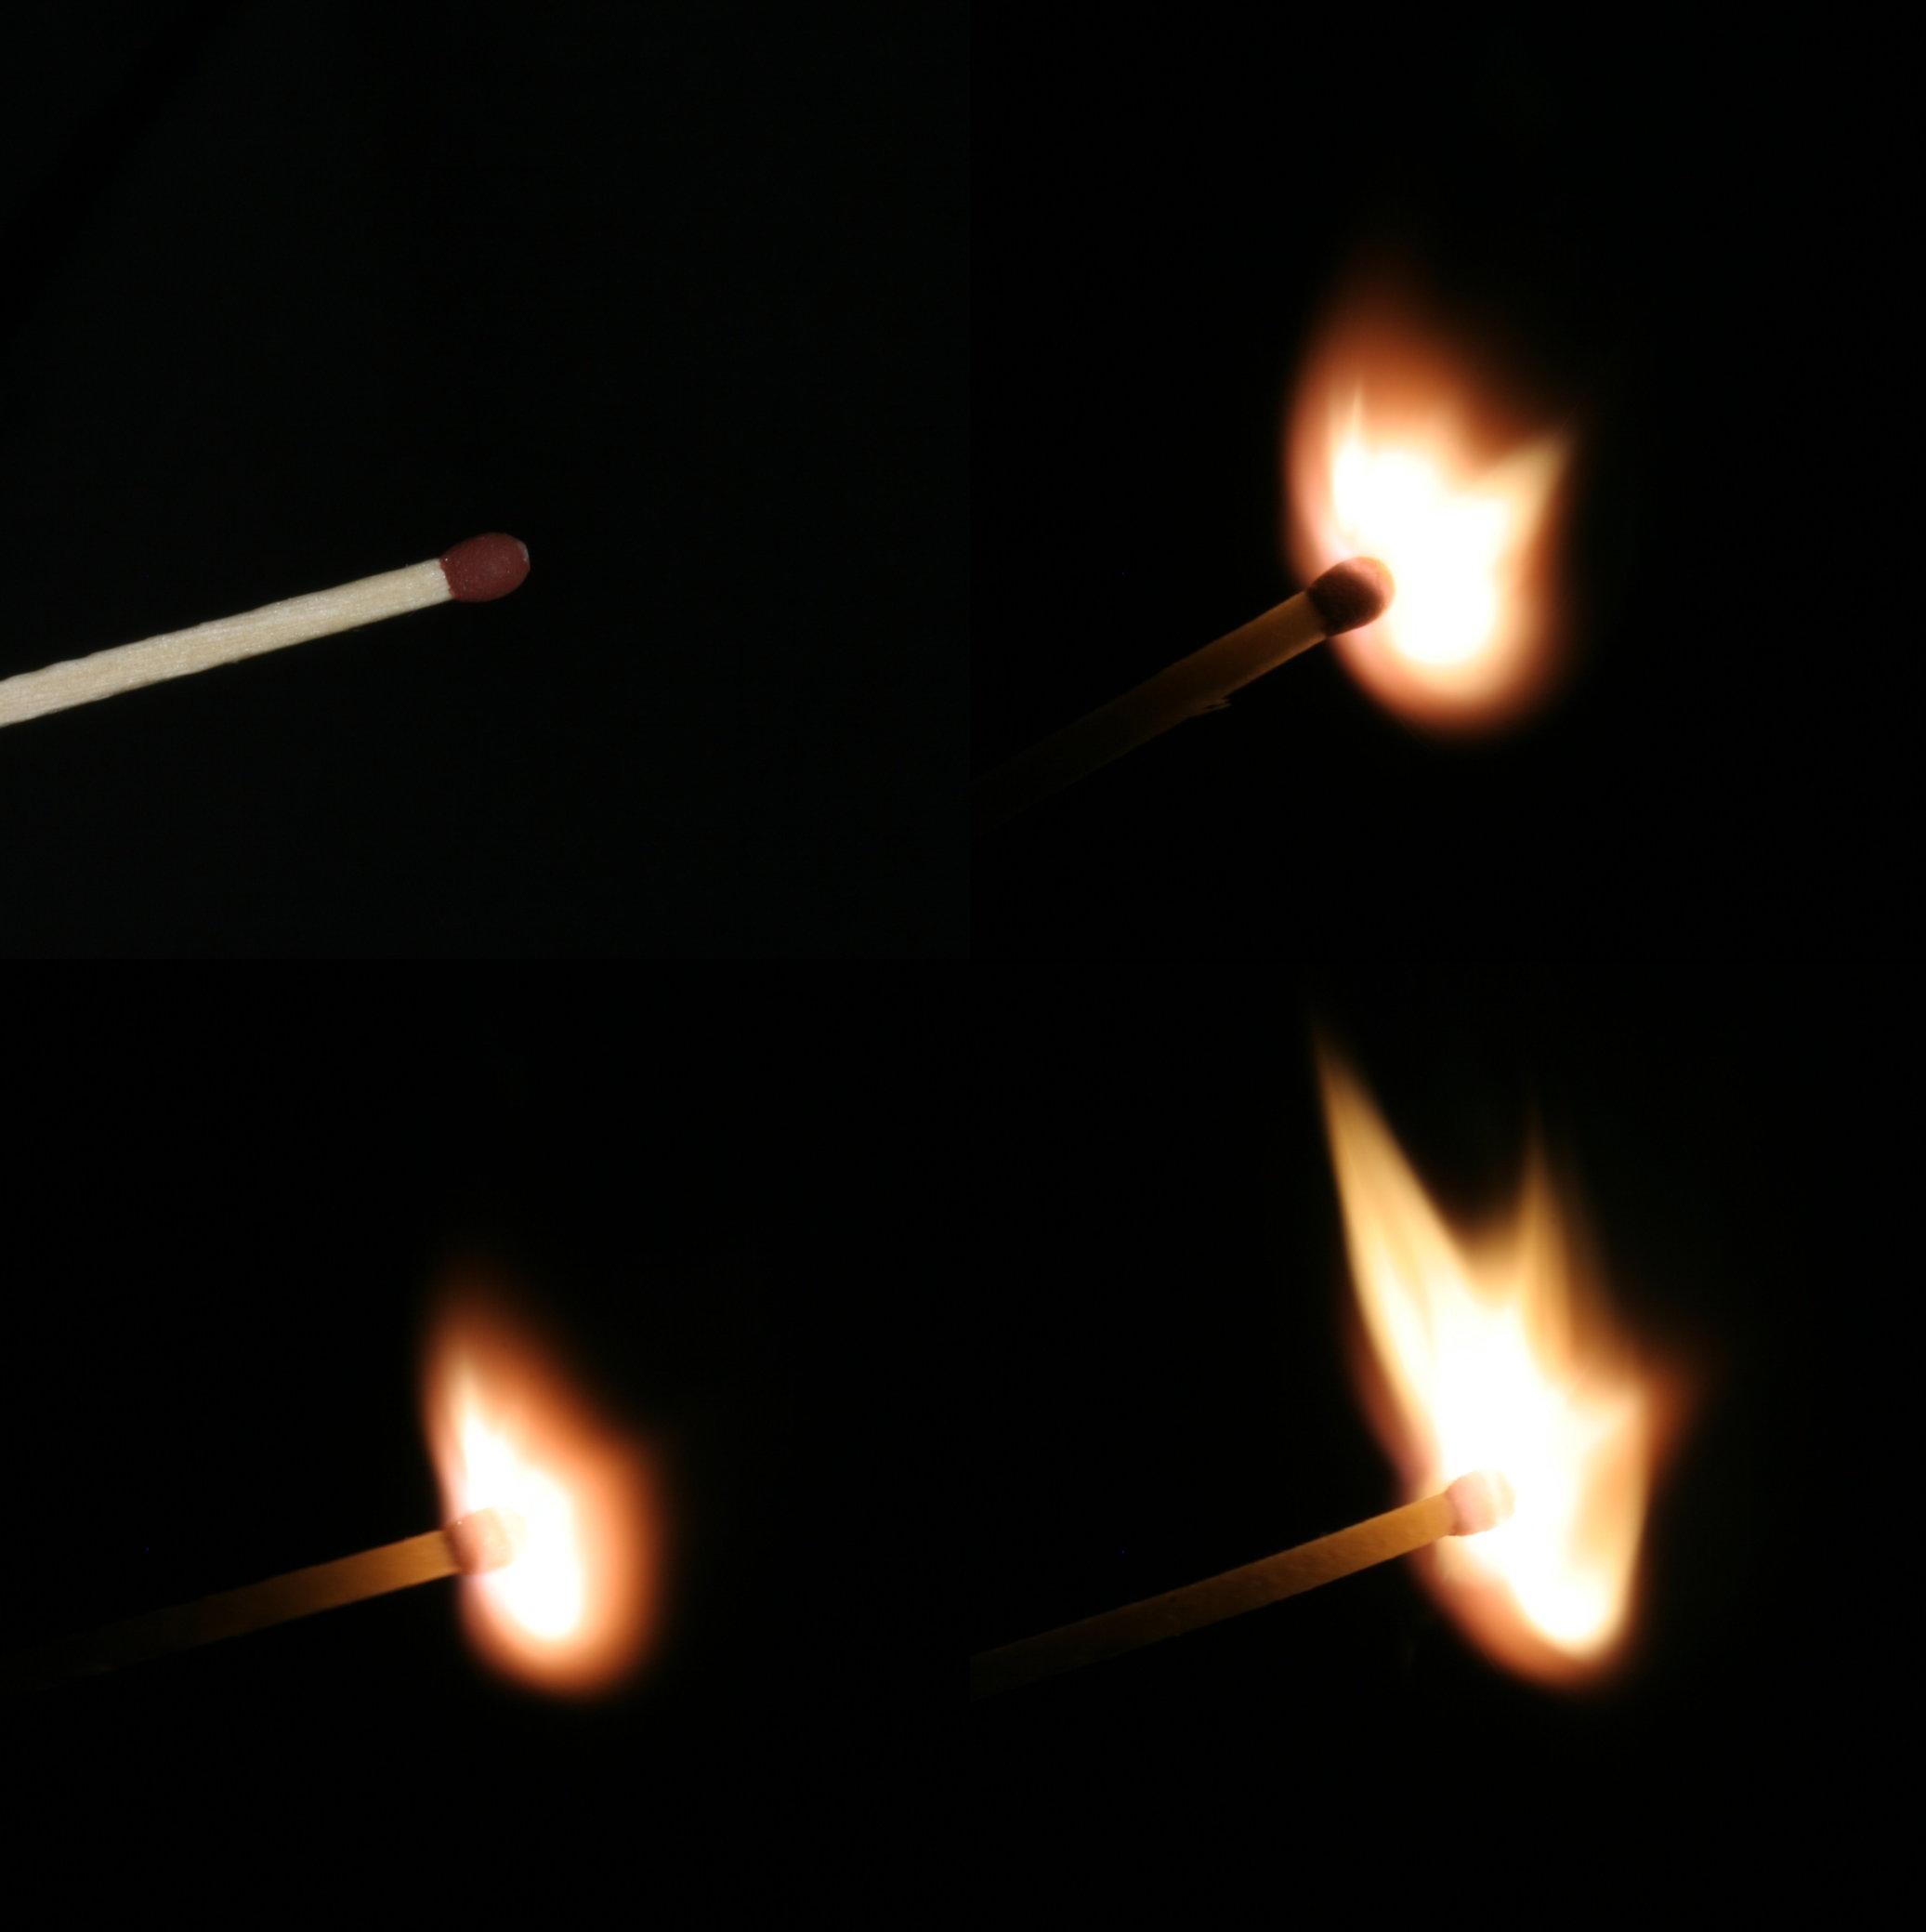 картинки зажигание спички примет окончательного